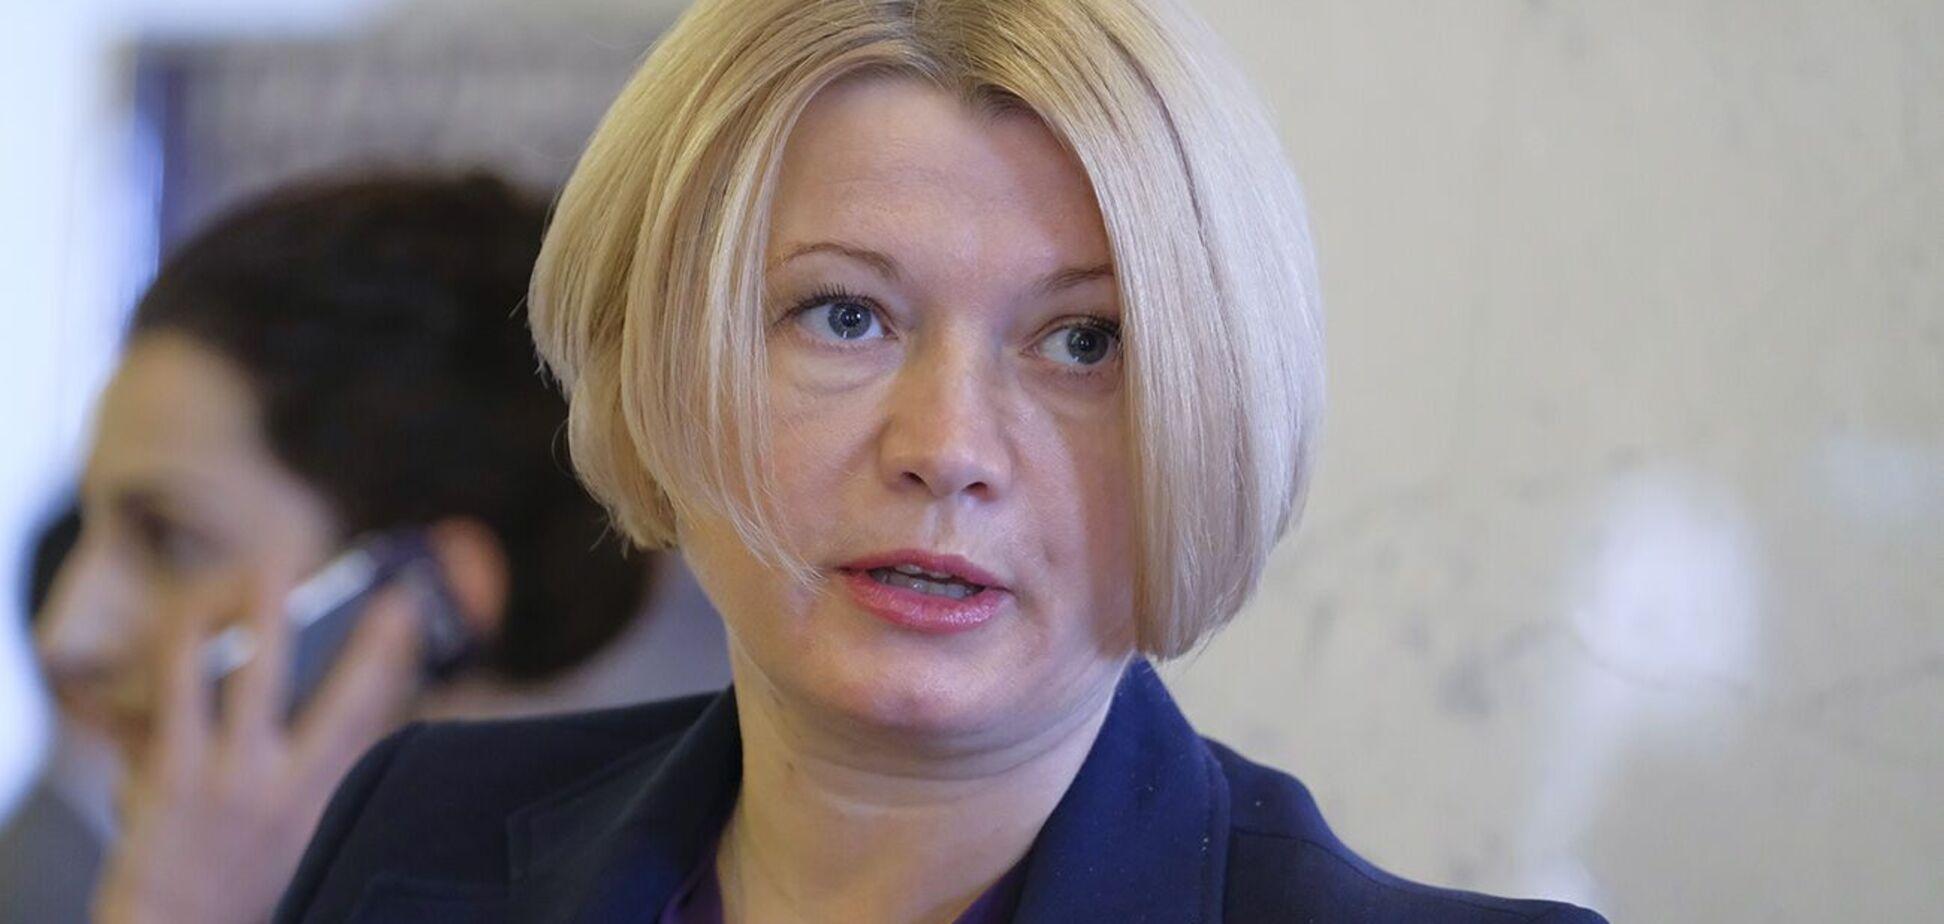 Ірина Геращенко звернула увагу на руйнування антикорупційної системи в Україні за президентства Зеленського